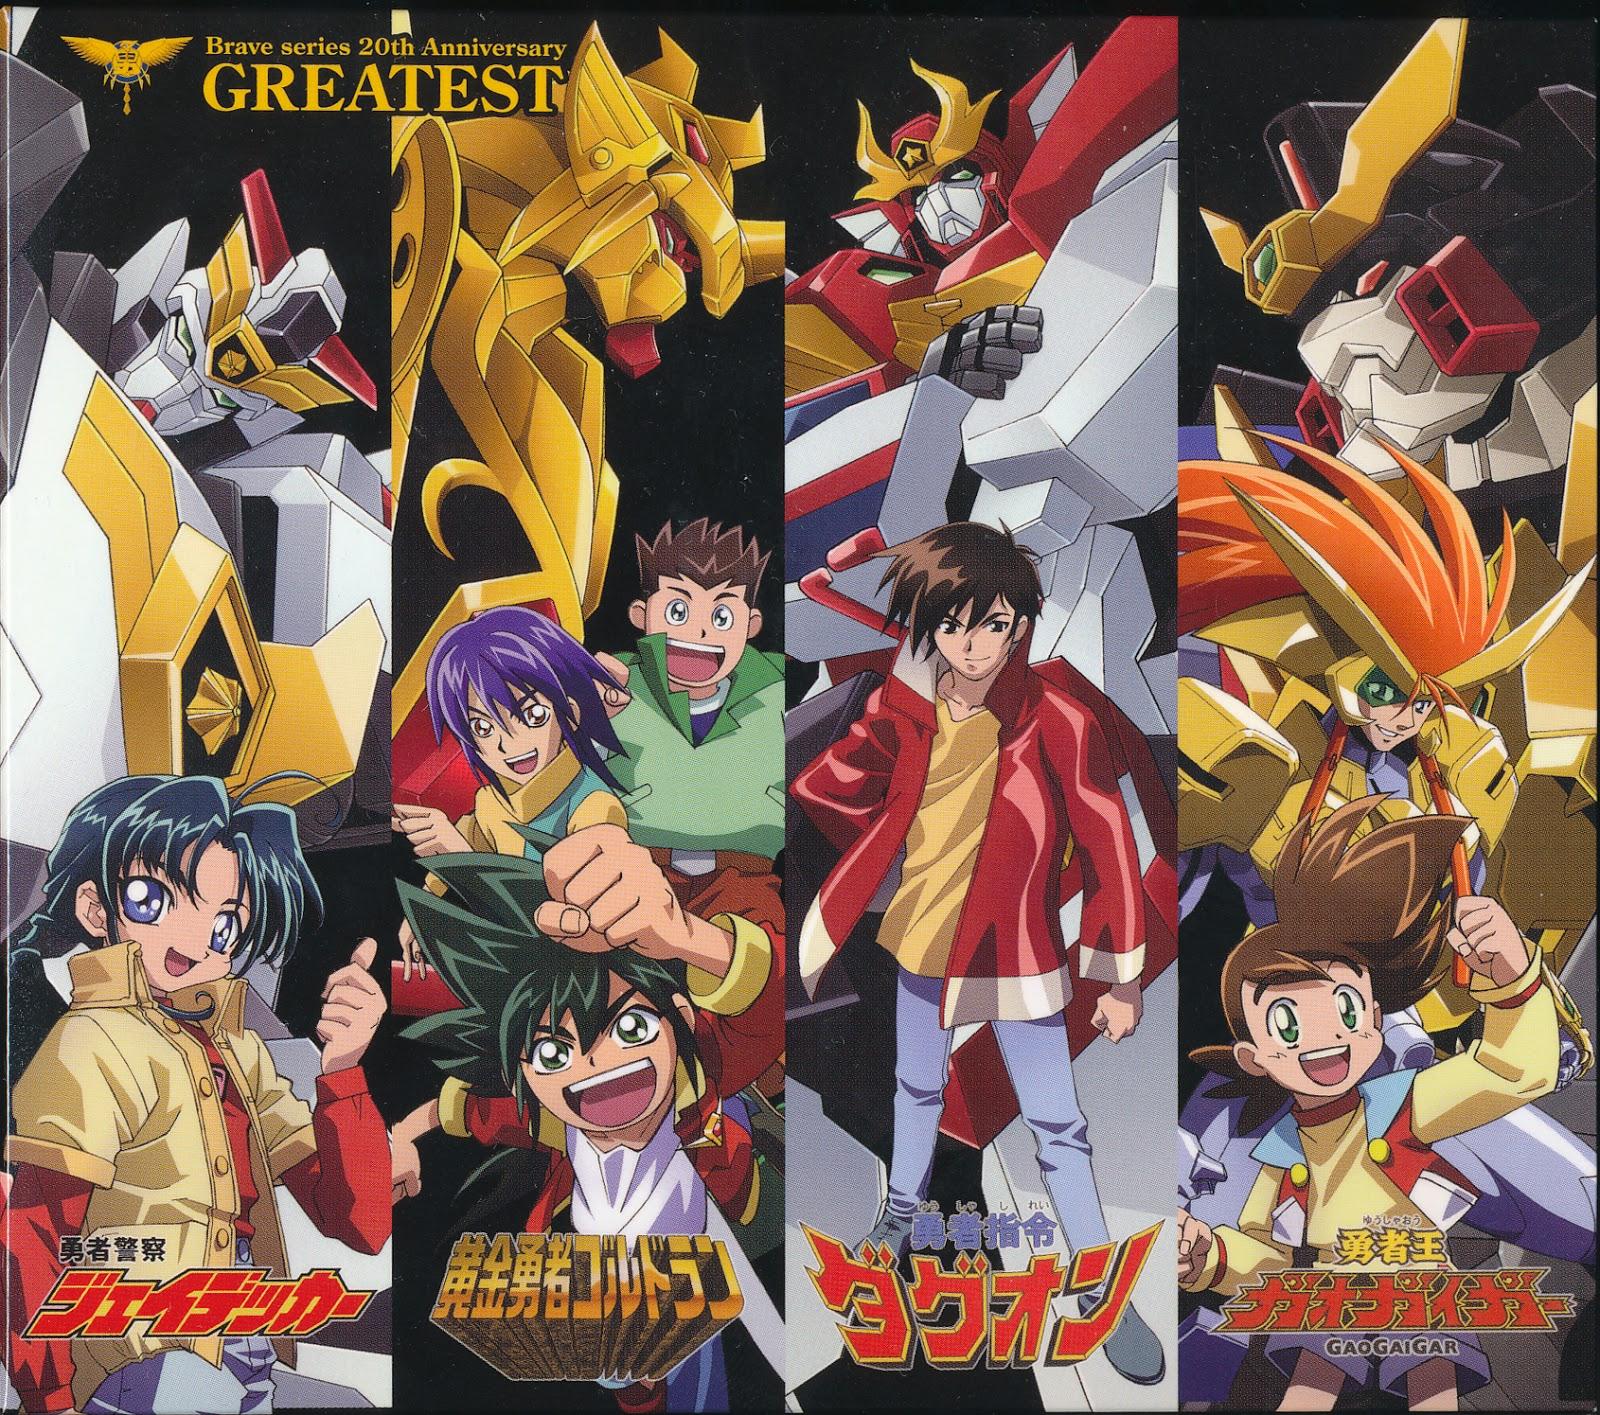 勇者シリーズ20周年記念企畫 GREATEST